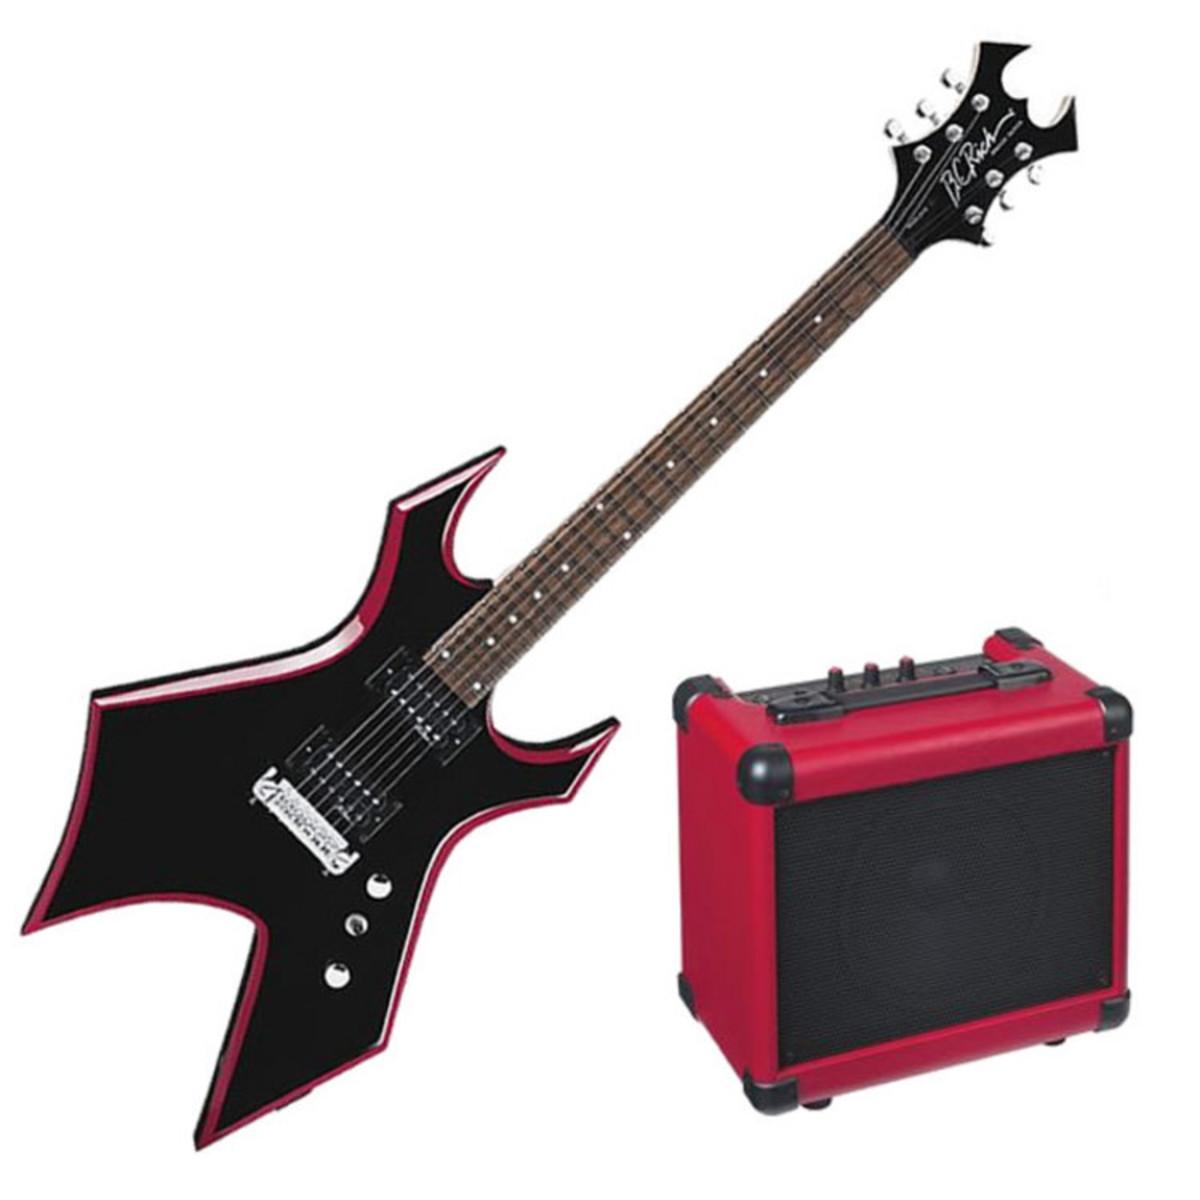 puis bc rich rouge guitare lectrique de biseau warlock. Black Bedroom Furniture Sets. Home Design Ideas